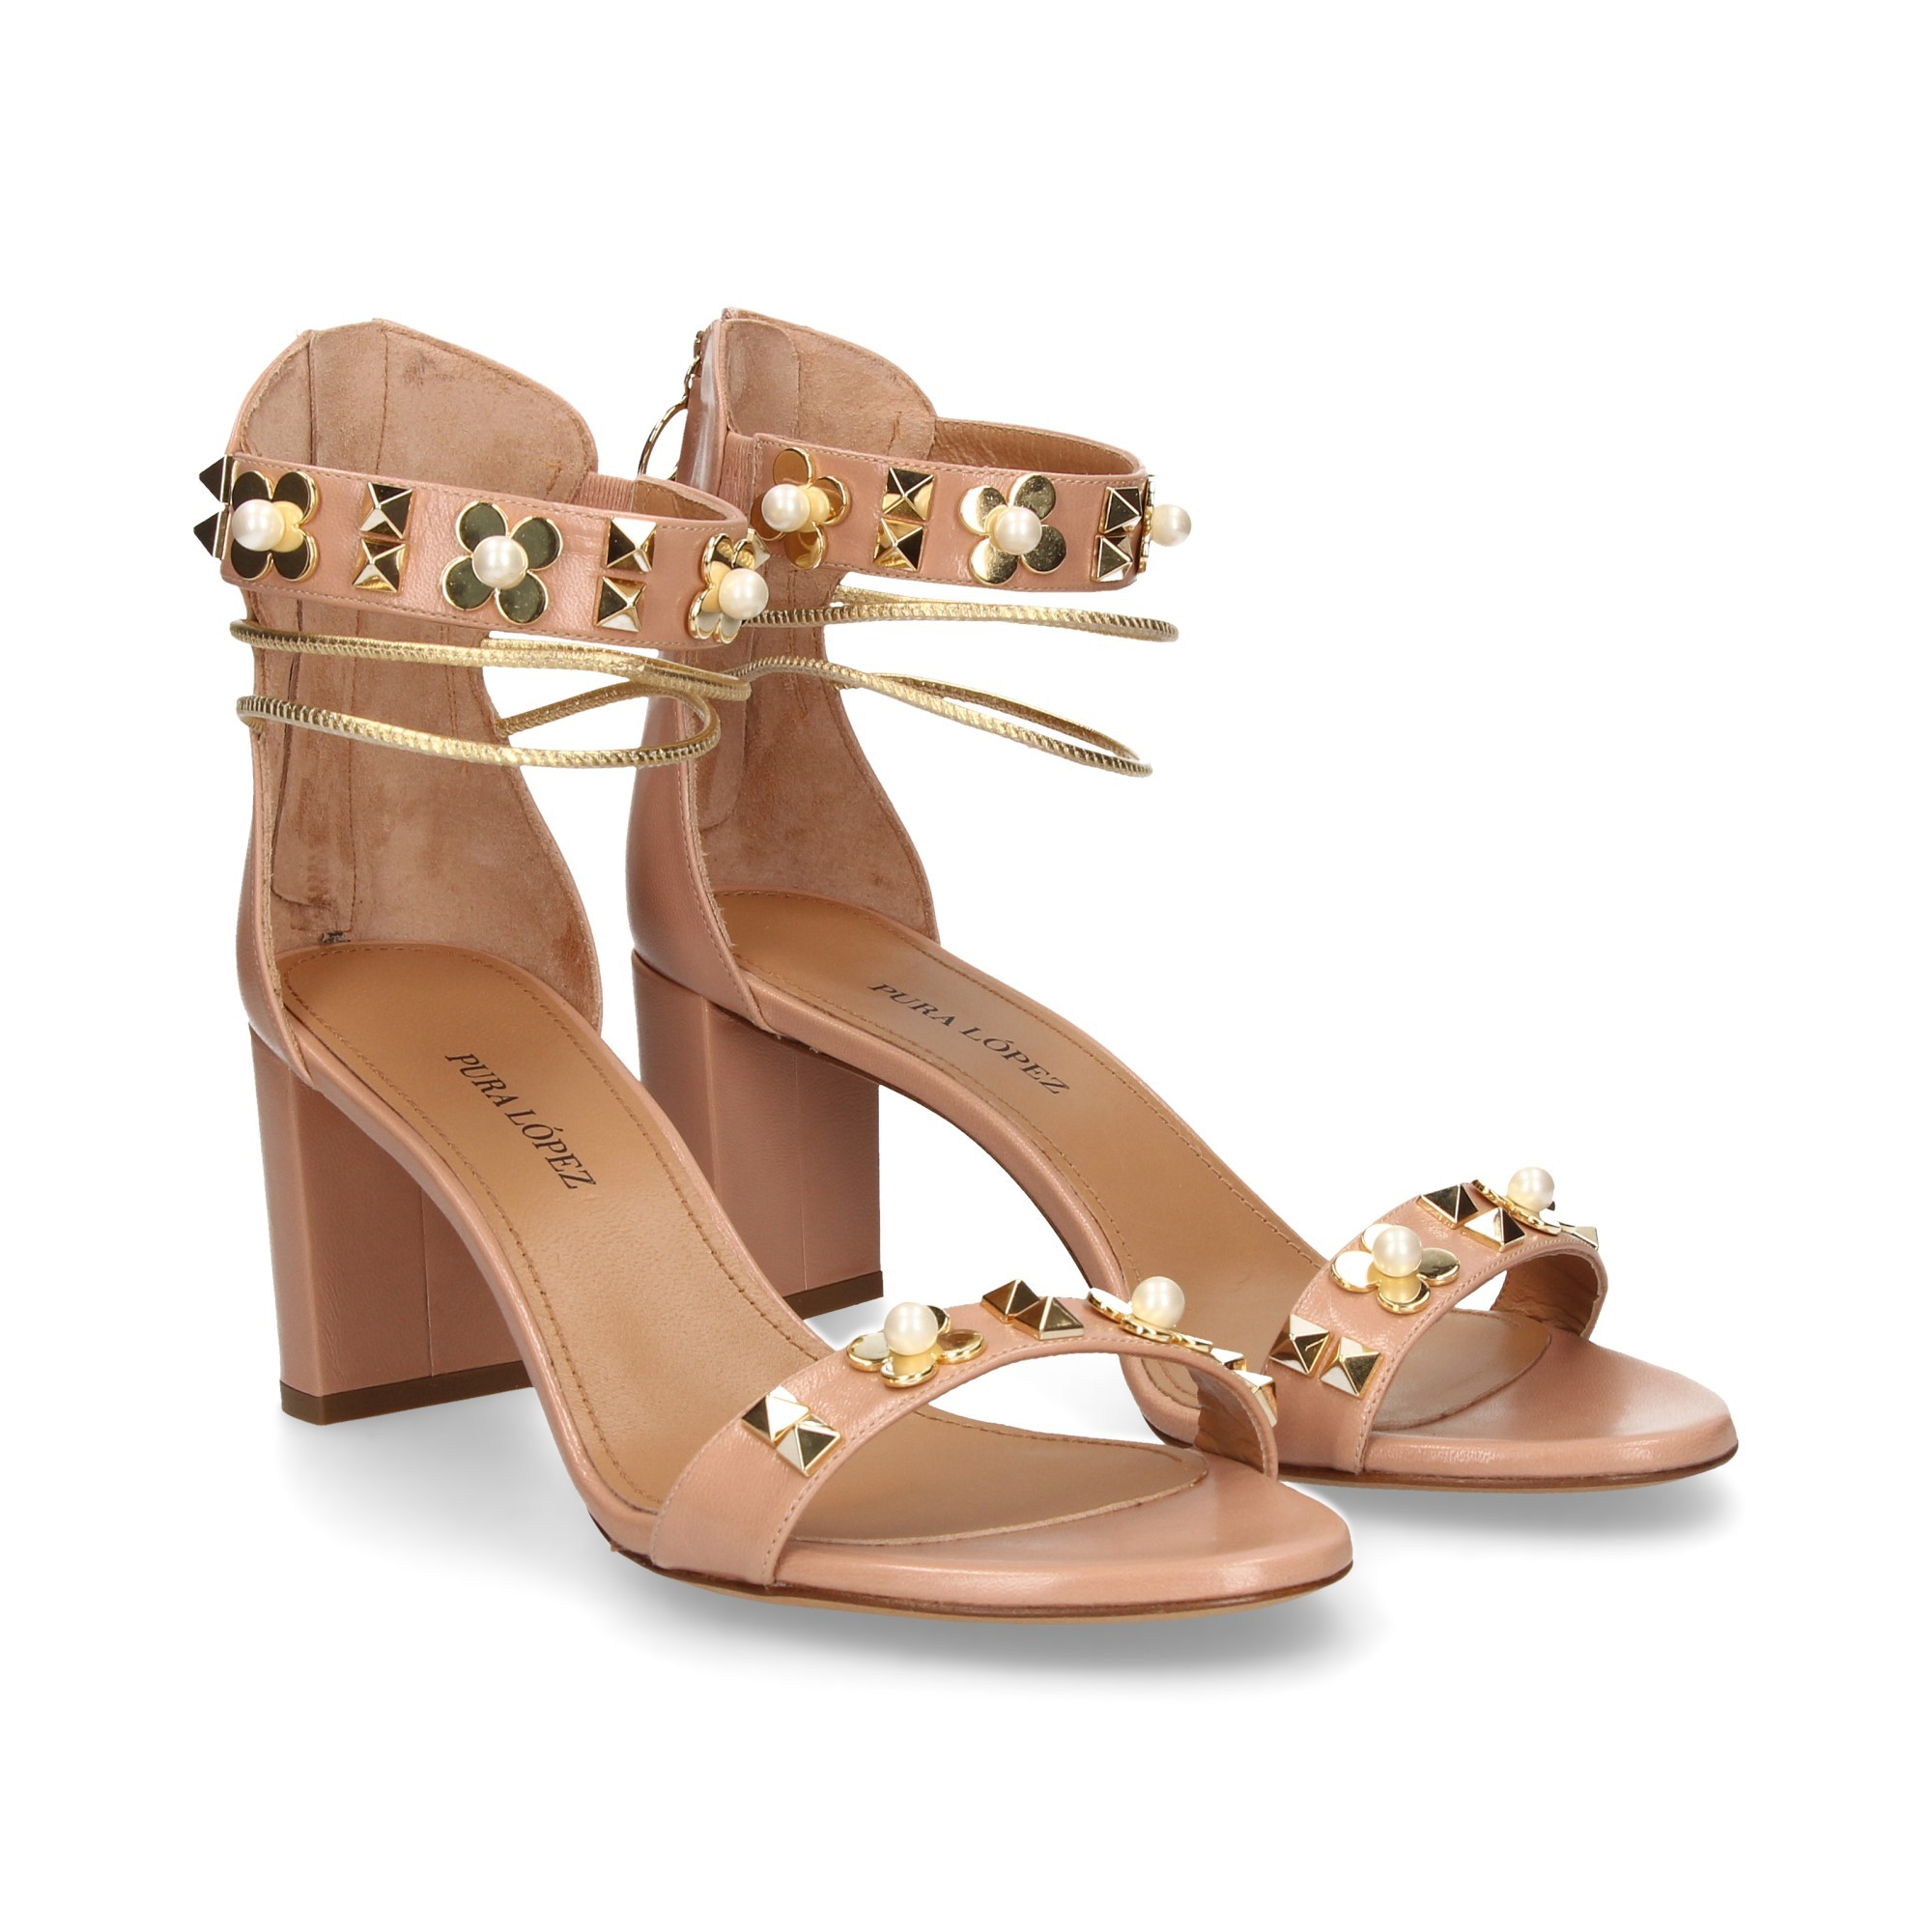 Pura Lopez Sandalette Für Damen Schwarz 2019 Shops